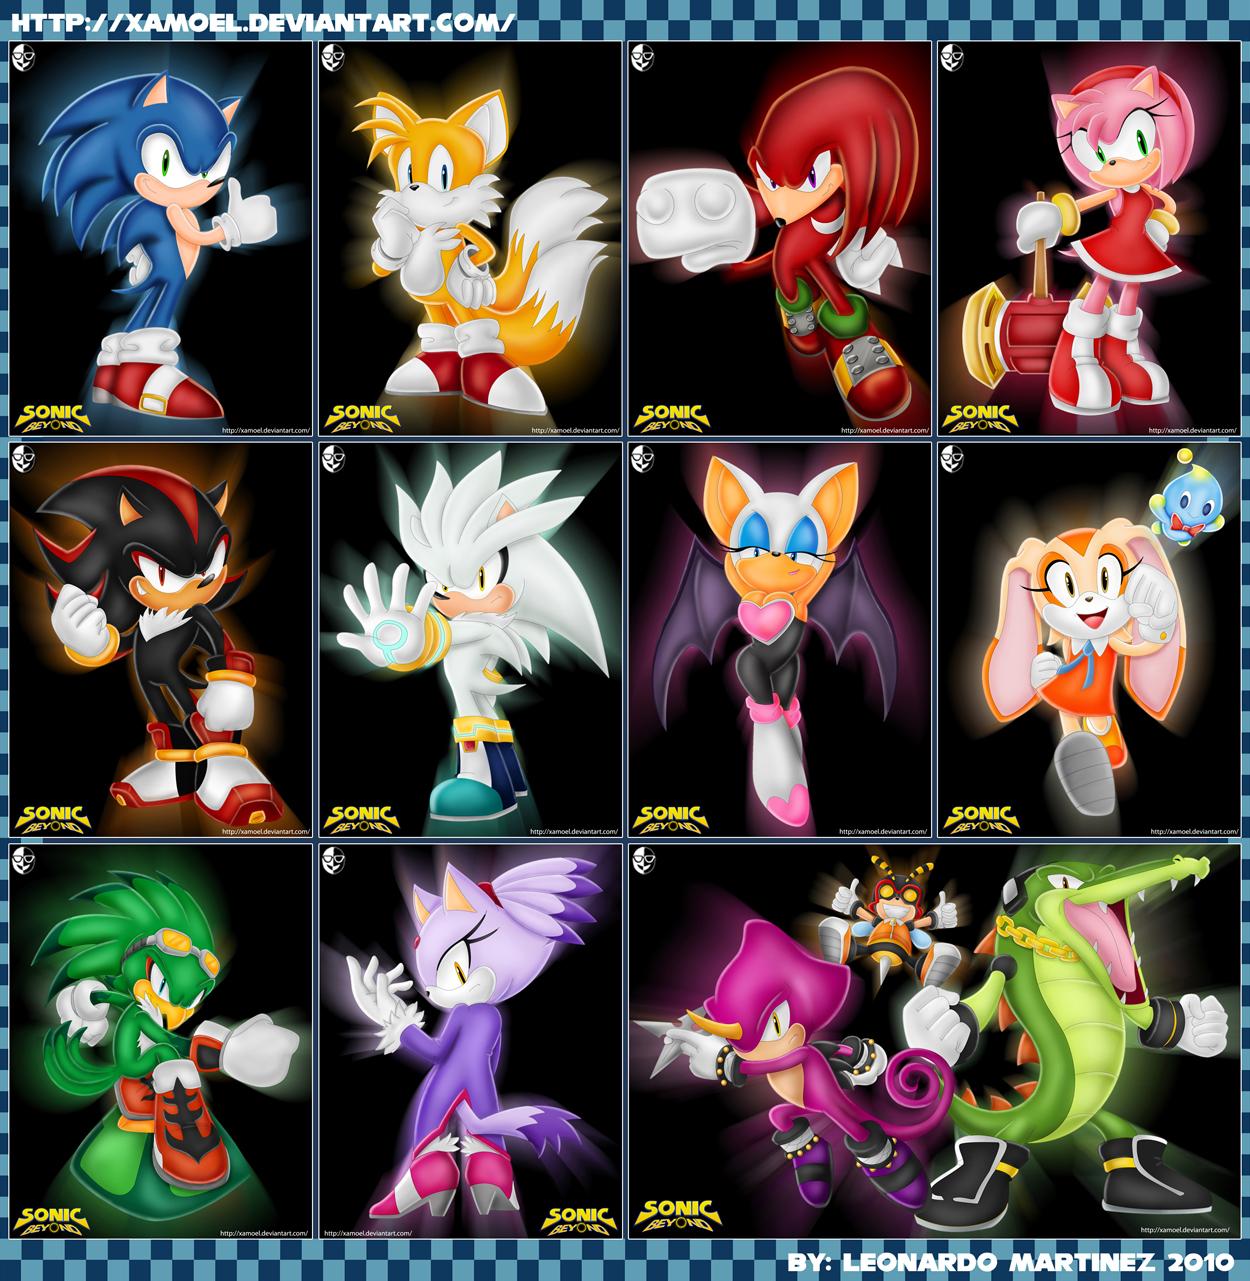 Sonic Beyond Character Renders By Xamoel On Deviantart